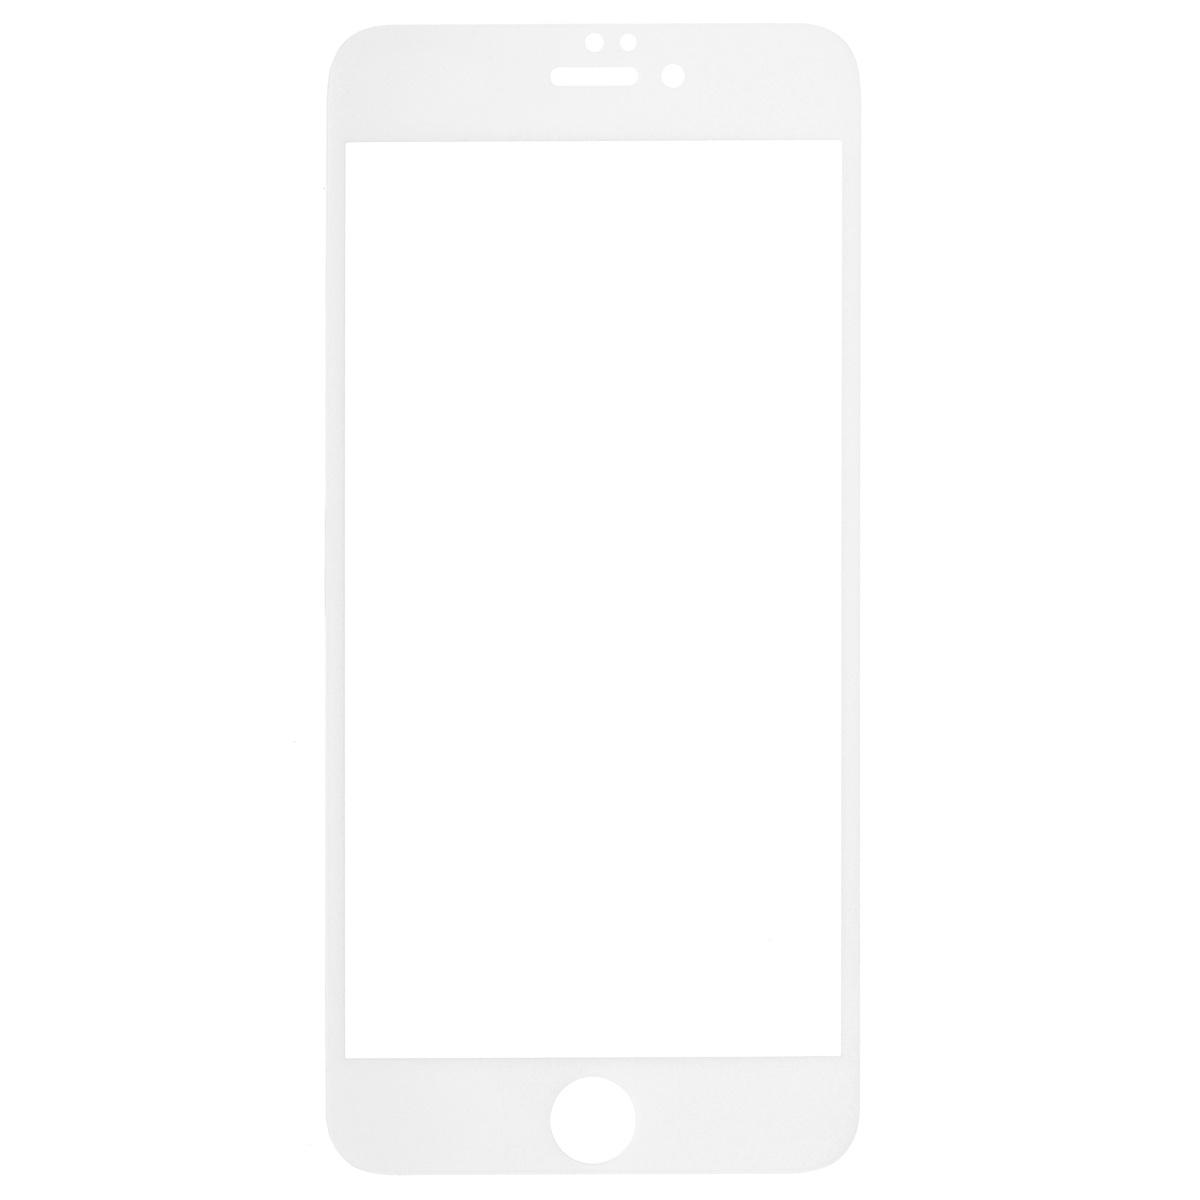 Highscreen защитное стекло для iPhone 6 Plus, белая рамка22887Защитное стекло Highscreen для iPhone 6 Plus - надежная защита экрана смартфона от грязи, пыли, отпечатков пальцев и царапин. Стекло изготовлено точно по размеру экрана, отличается кристальной прозрачностью и имеет все необходимые прорези.